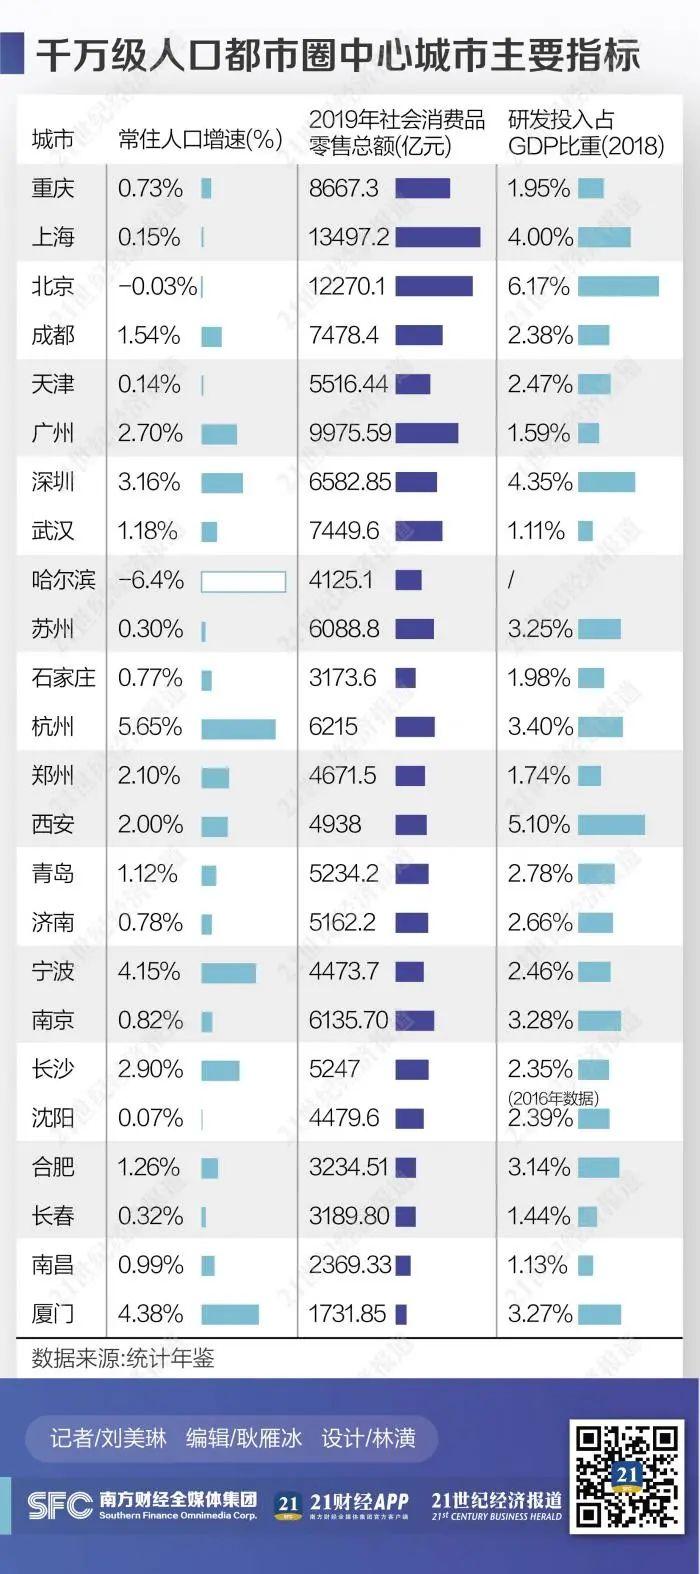 """落实""""内循环""""谁最拼?千万级人口都市圈大盘点:上海都市圈消费力最牛,广深都市圈人口数据亮了"""